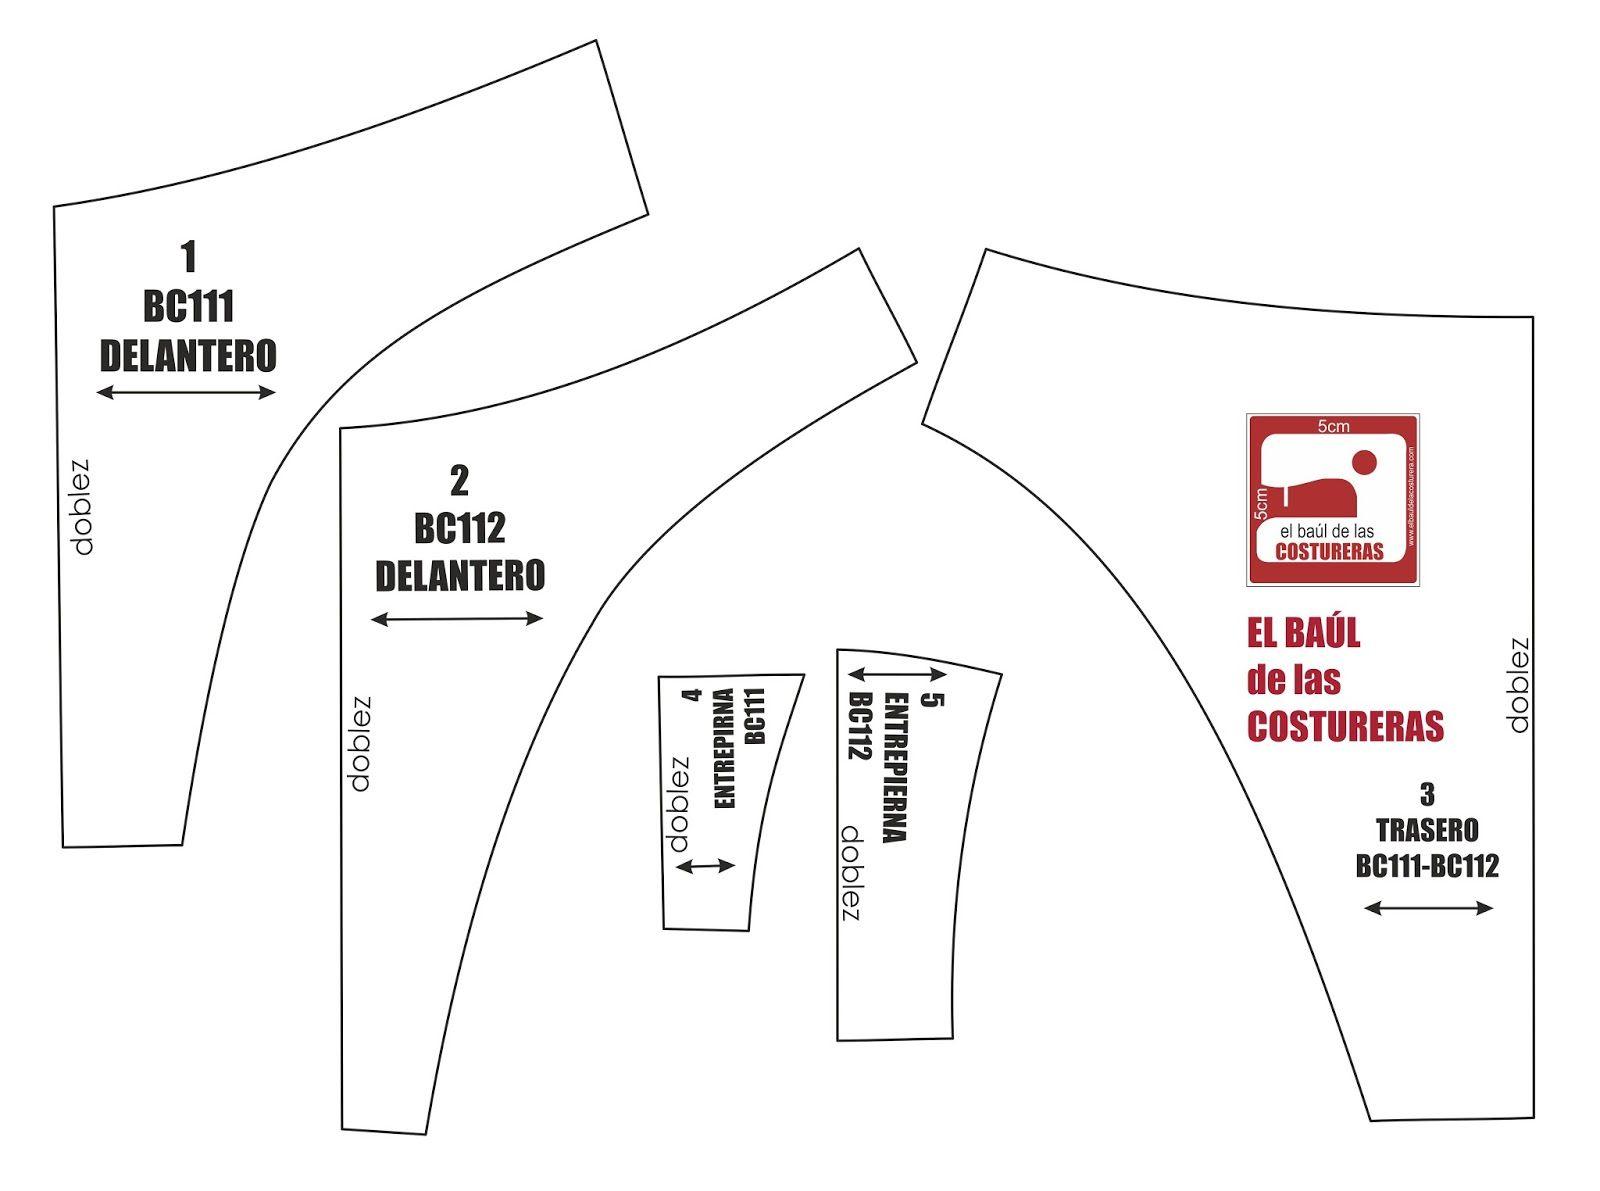 Pantaleta Bikini BC111 BC112 | Ropa Interior | Sewing, Sewing ...